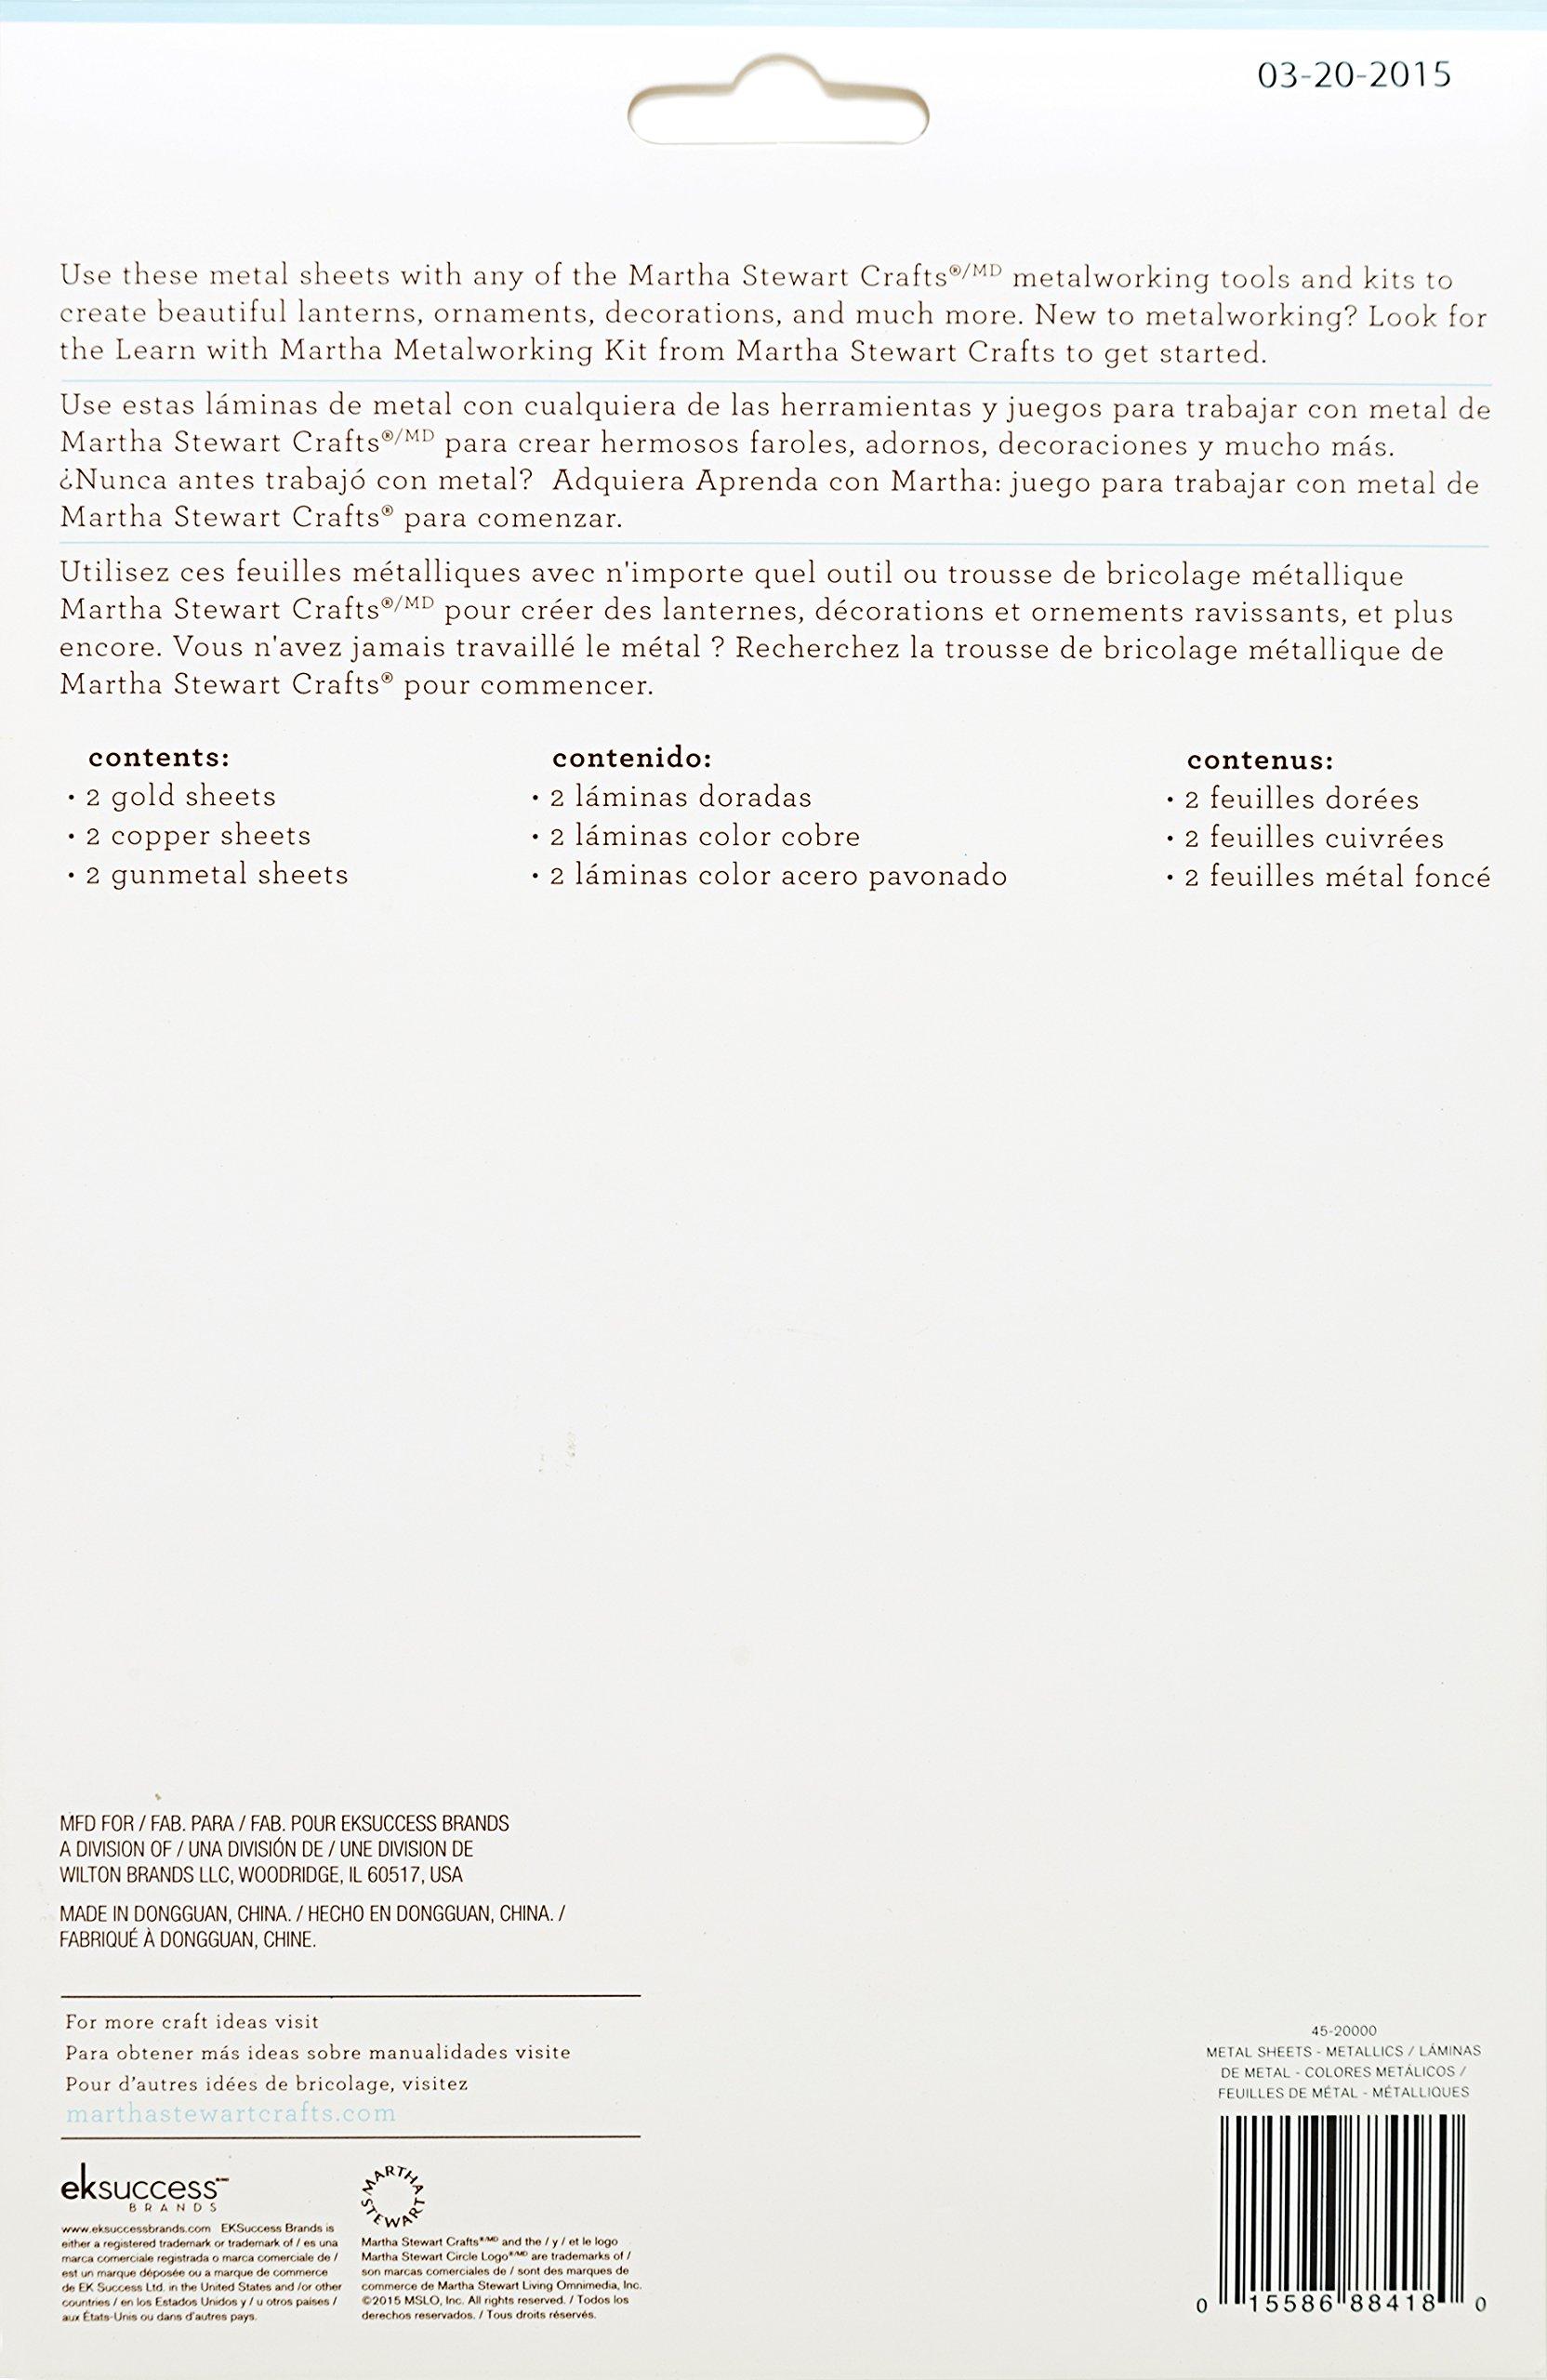 Martha Stewart Crafts 45-20000 Metal Working Metallic Sheets